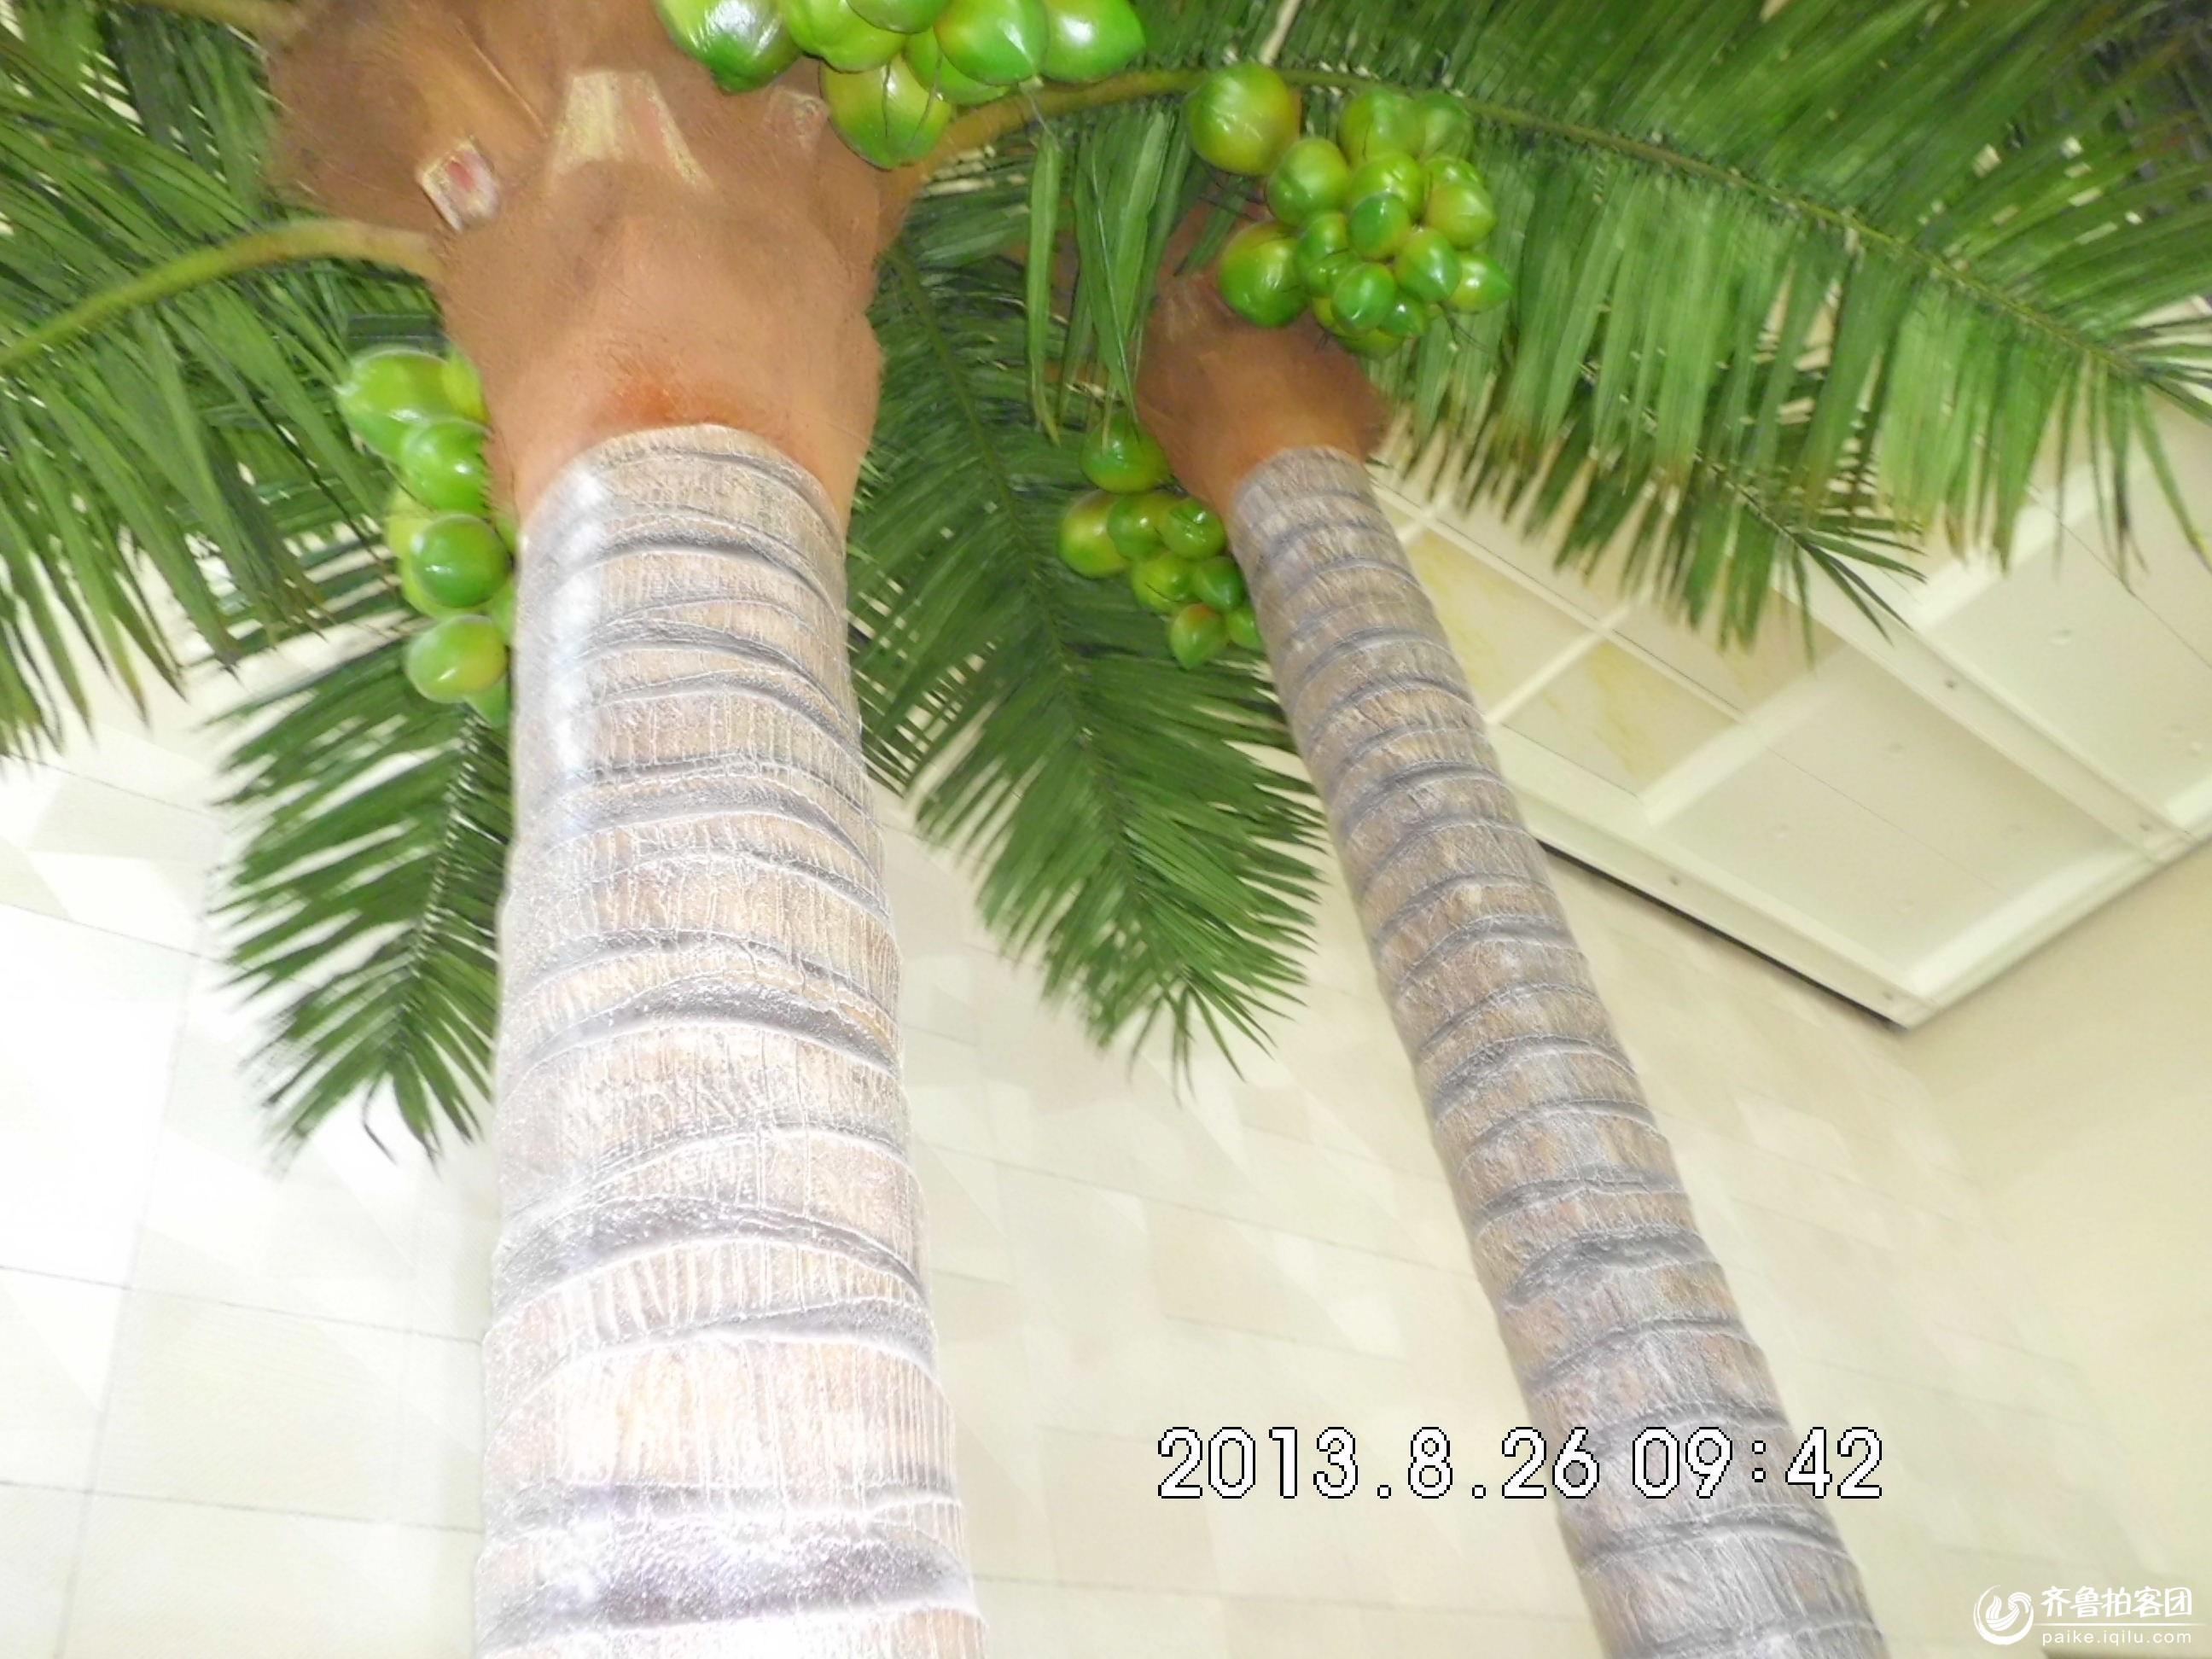 日照拍客 69 椰子树  分享到:qq空间新浪微博腾讯微博人人网微信qq